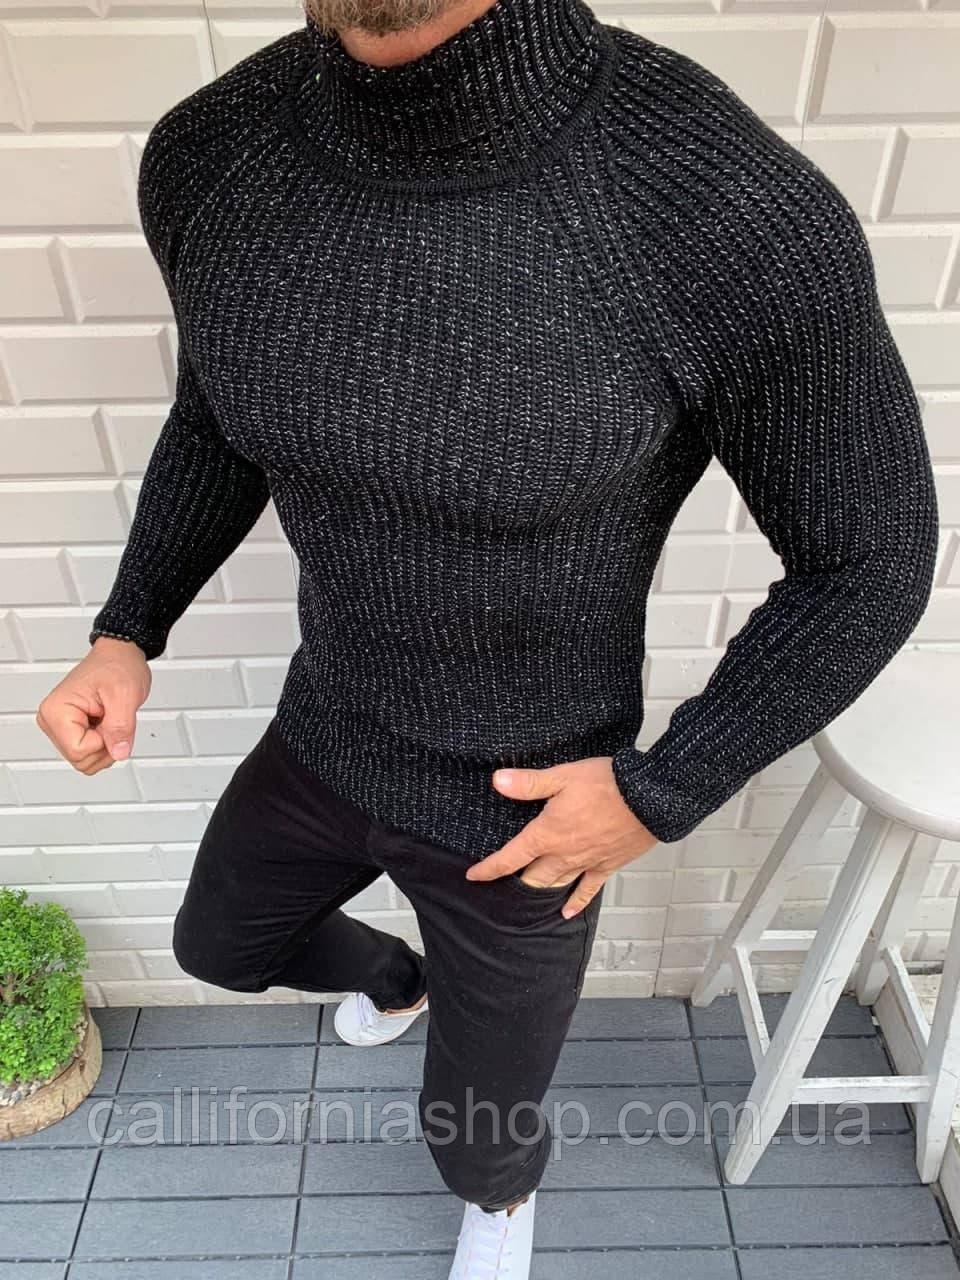 Мужской черный свитер гольф однотонный теплый с высоким горлом, Турция